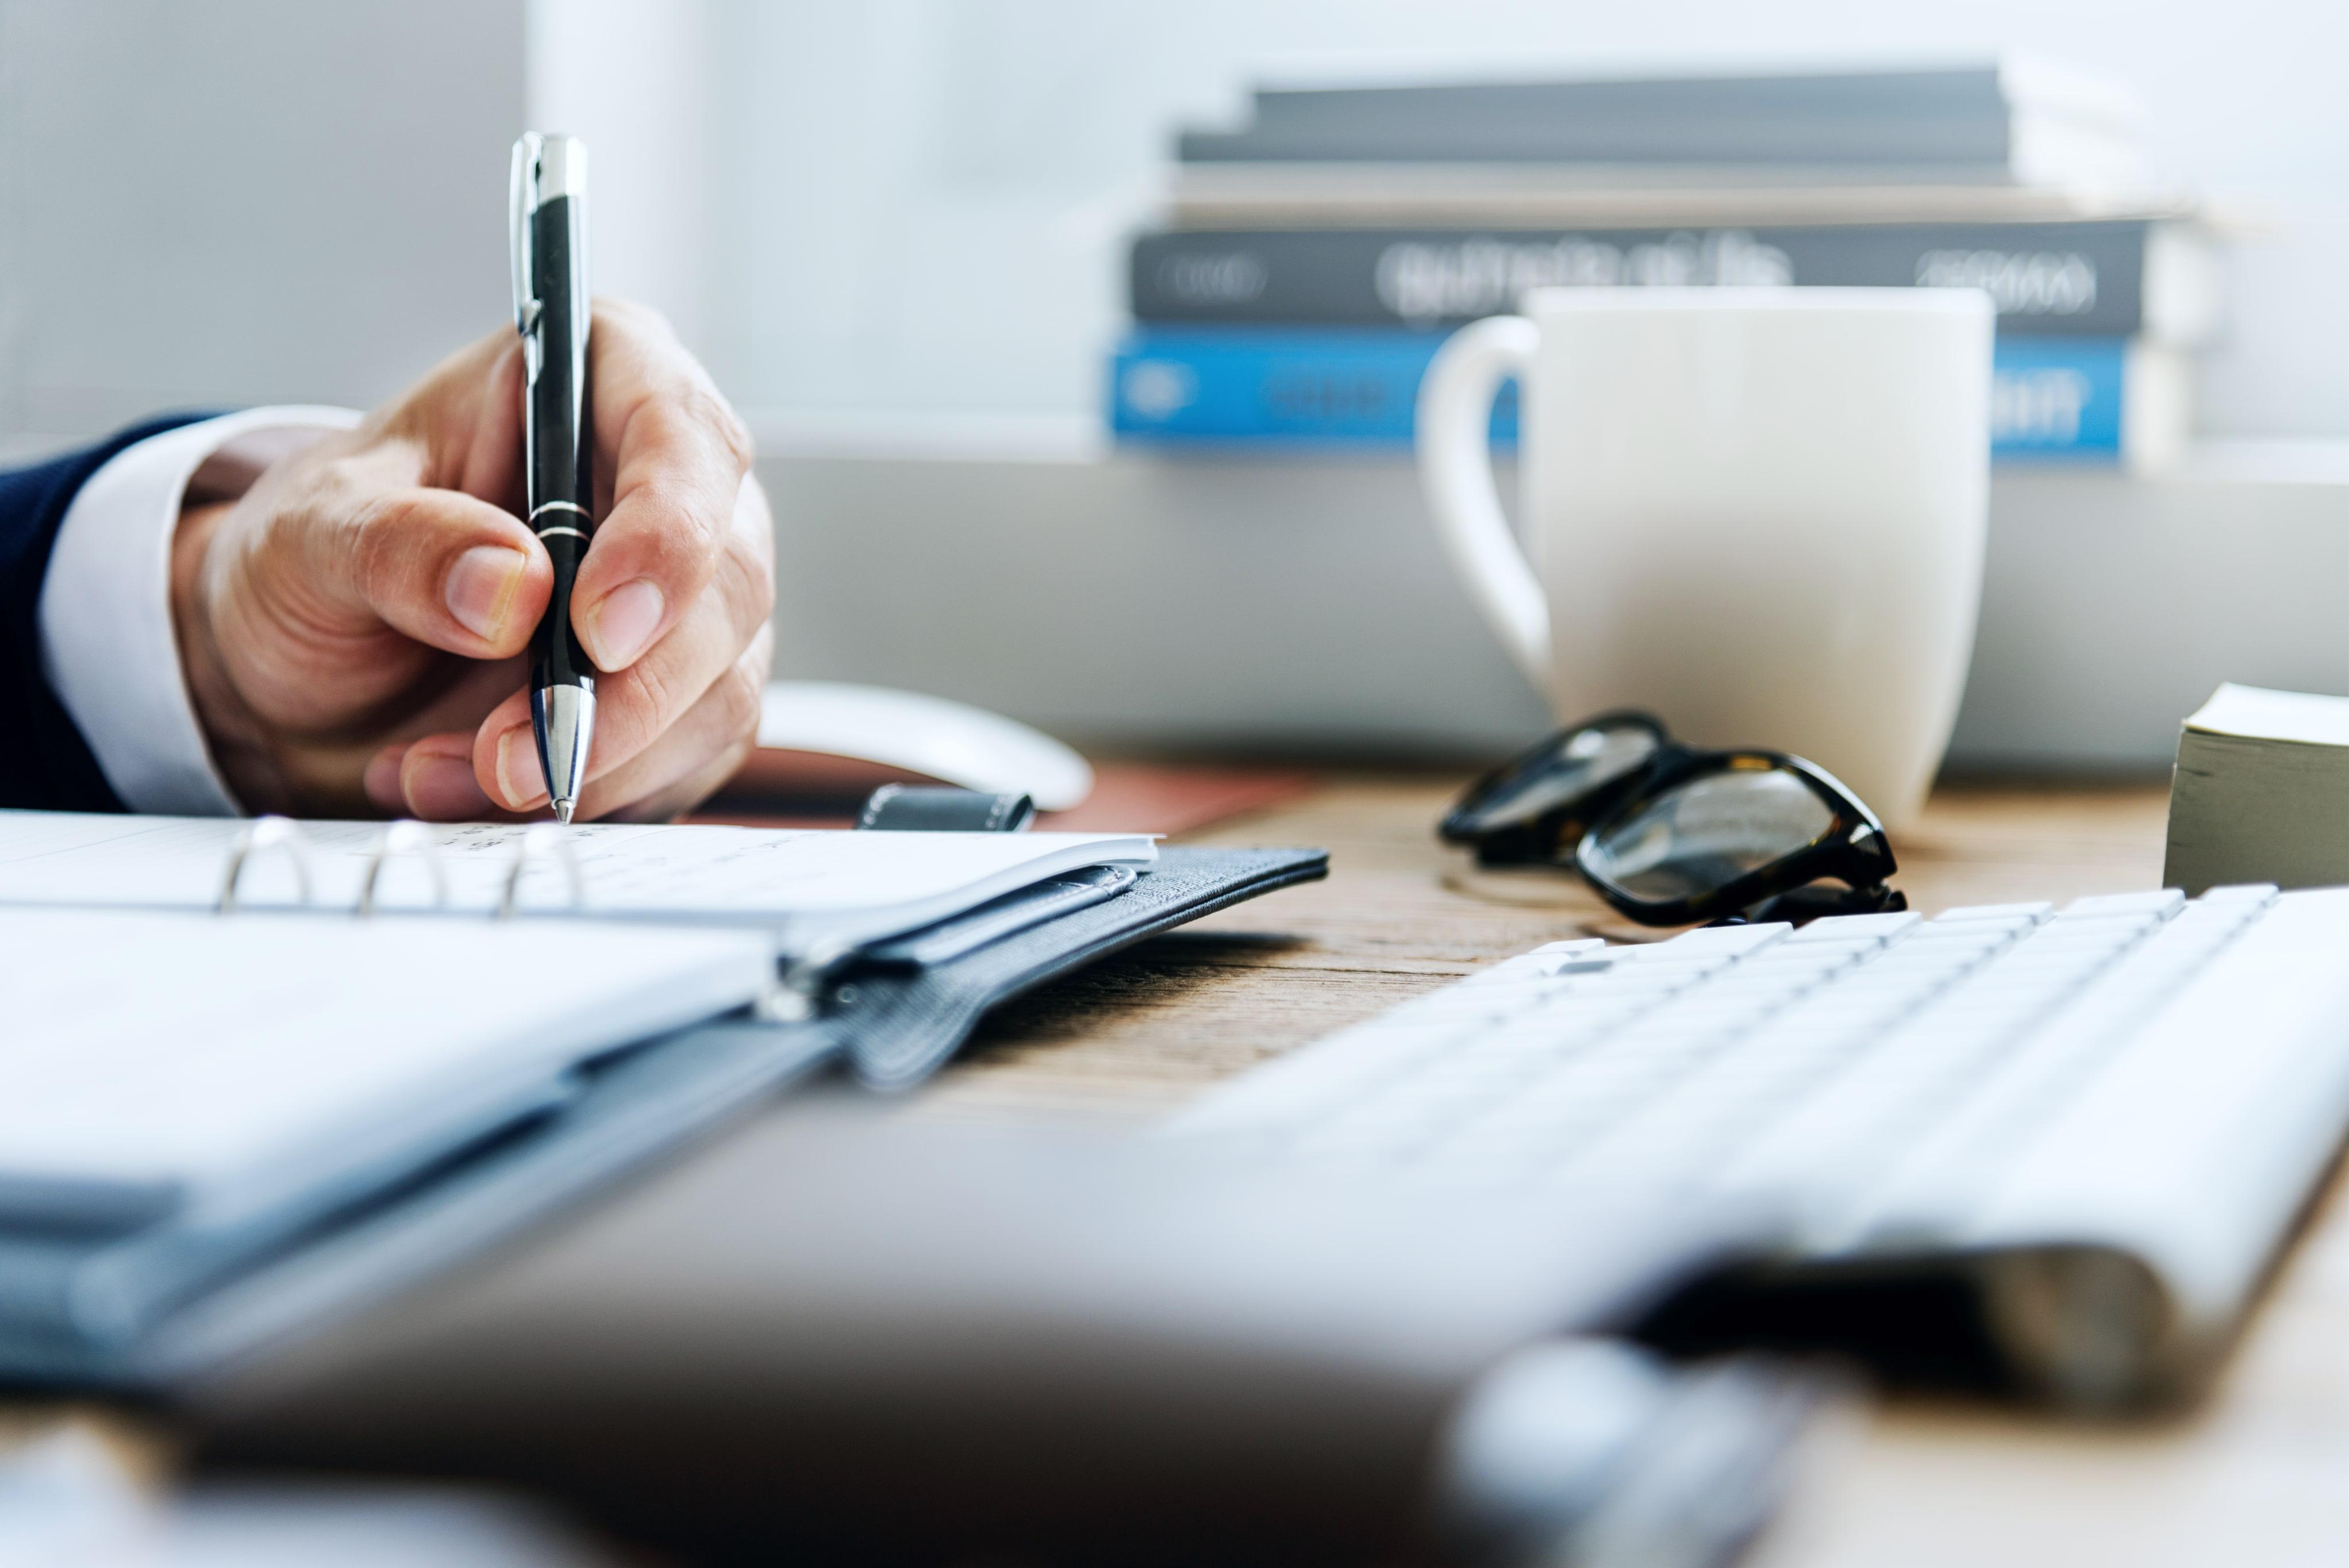 Apportegendom till aktiebolag: Revisorsintyg, värdering, och stiftelseurkund